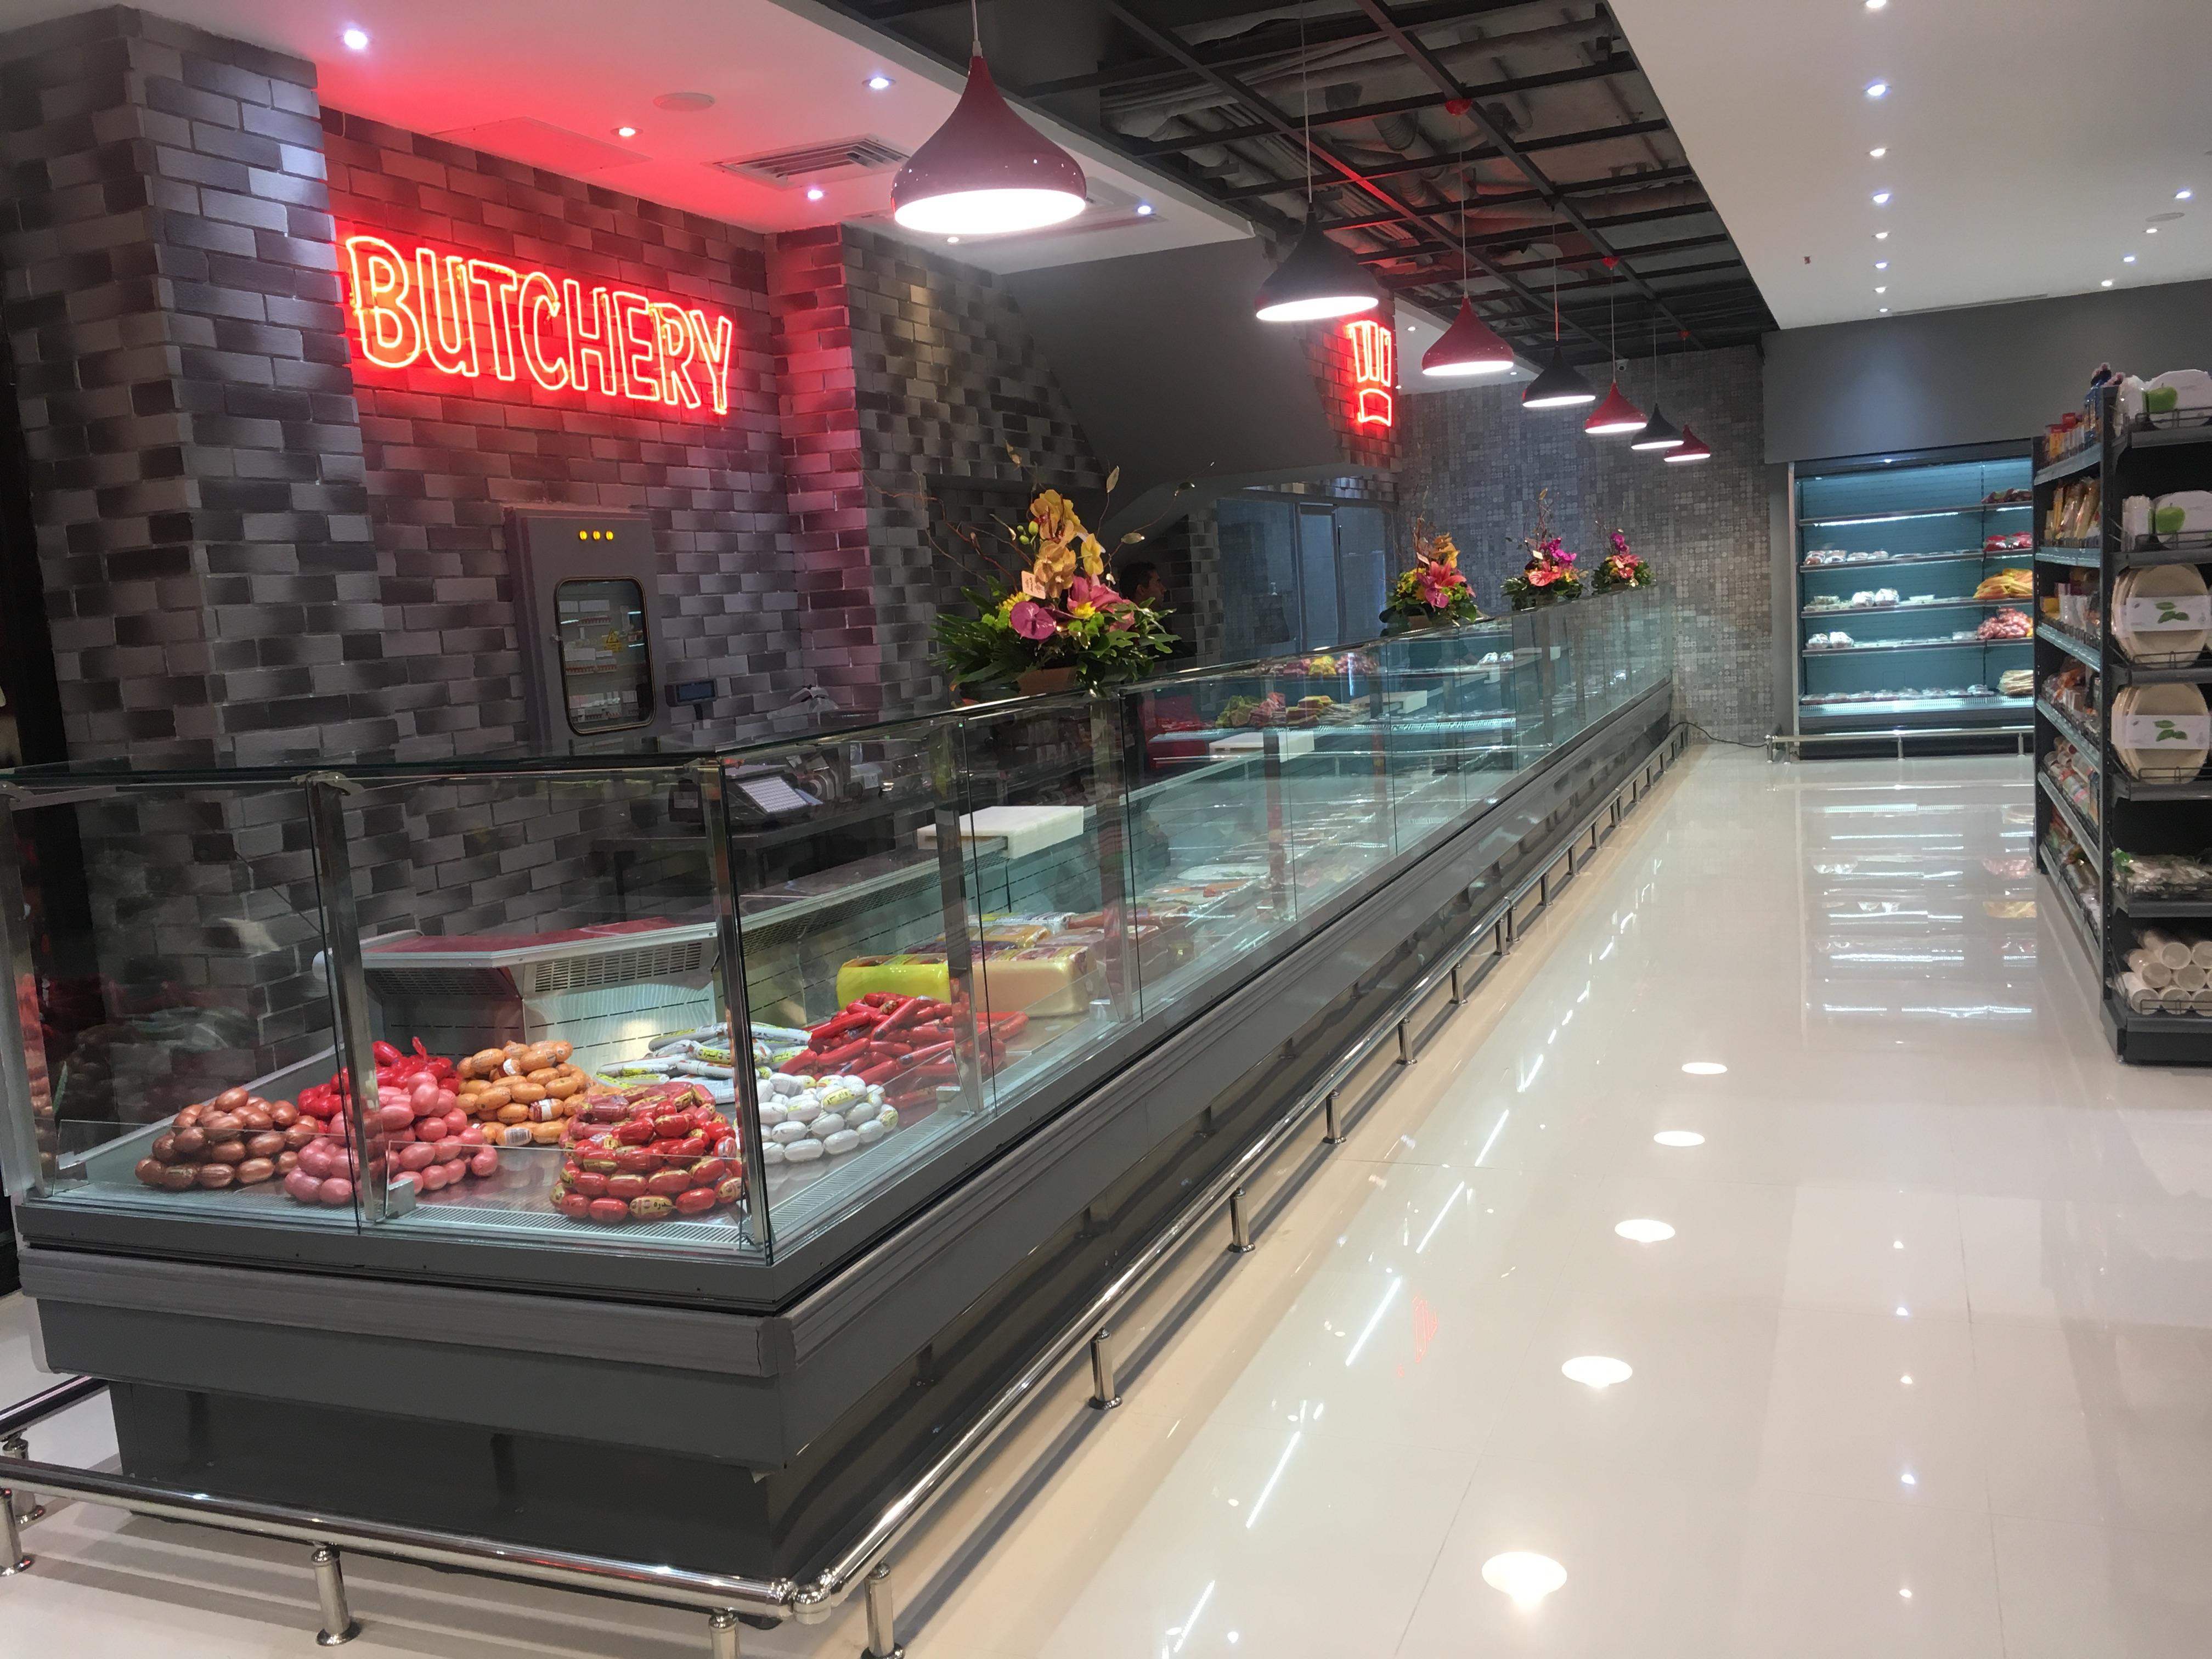 سینیور مارکت: این فروشگاه یک هایپر مارکت مدرن می باشد که دارای قسمت های مختلفی مانند فروشگاه مواد غذایی، کافه، قصابی، نانوایی، غذای خانگی ، قسمت فروش سبزیجات پاک شده،